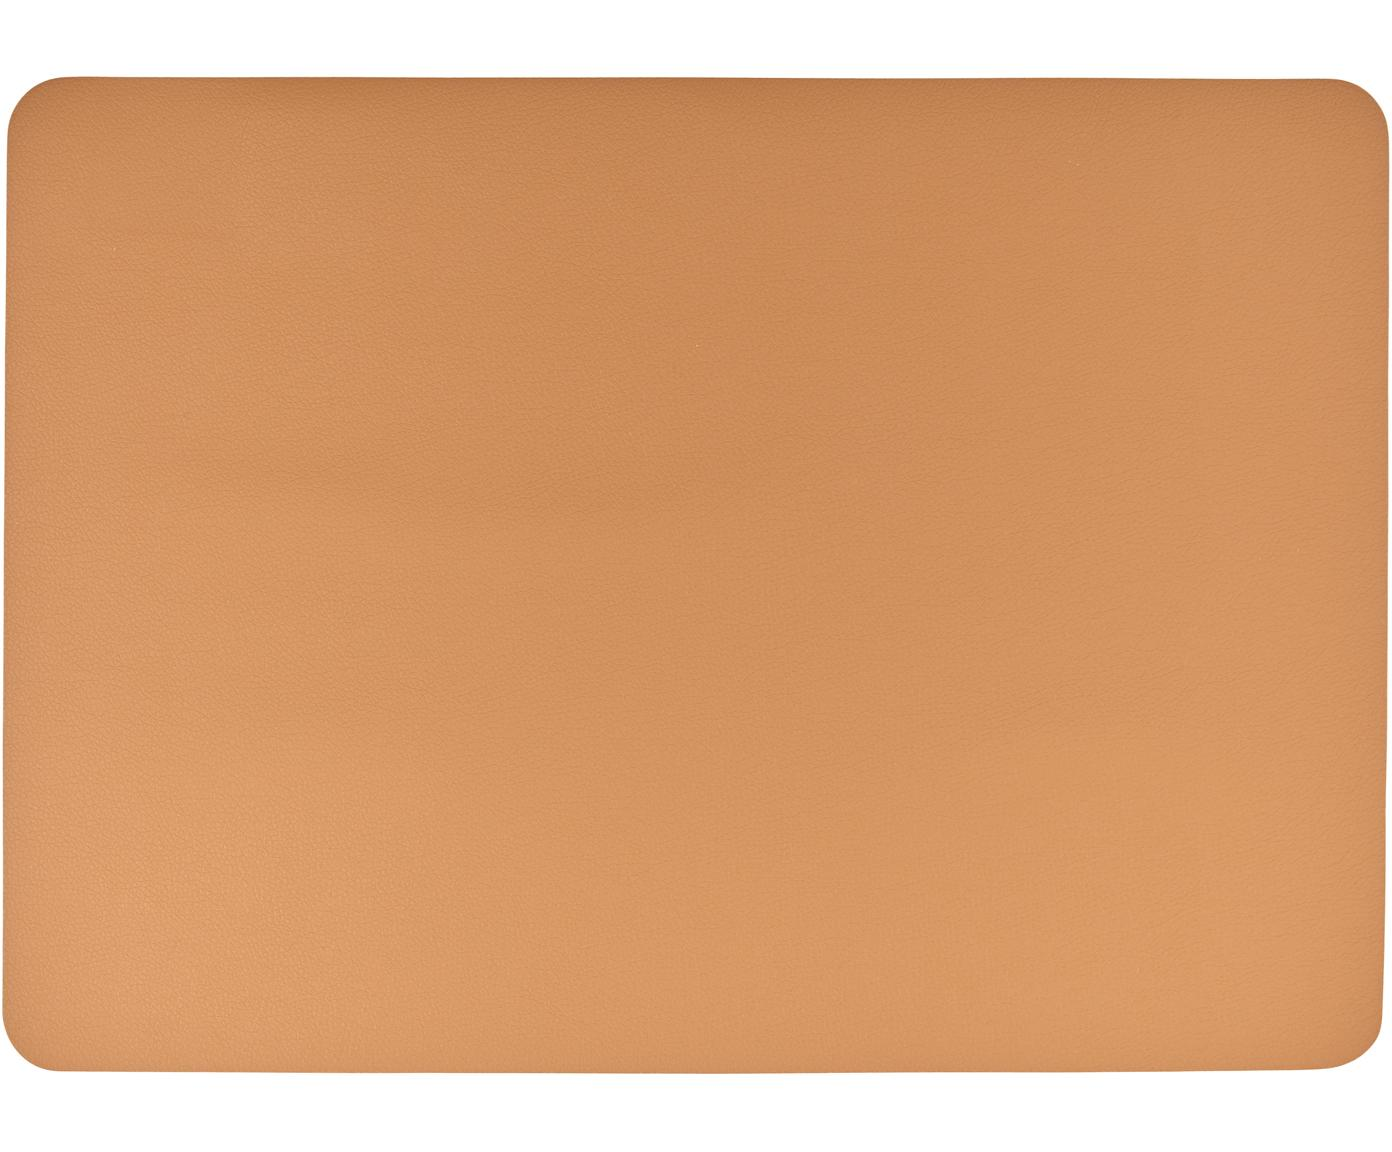 Tovaglietta americana in similpelle Pik 2 pz, Materiale sintetico (PVC), Caramello, Larg. 33 x Lung. 46 cm